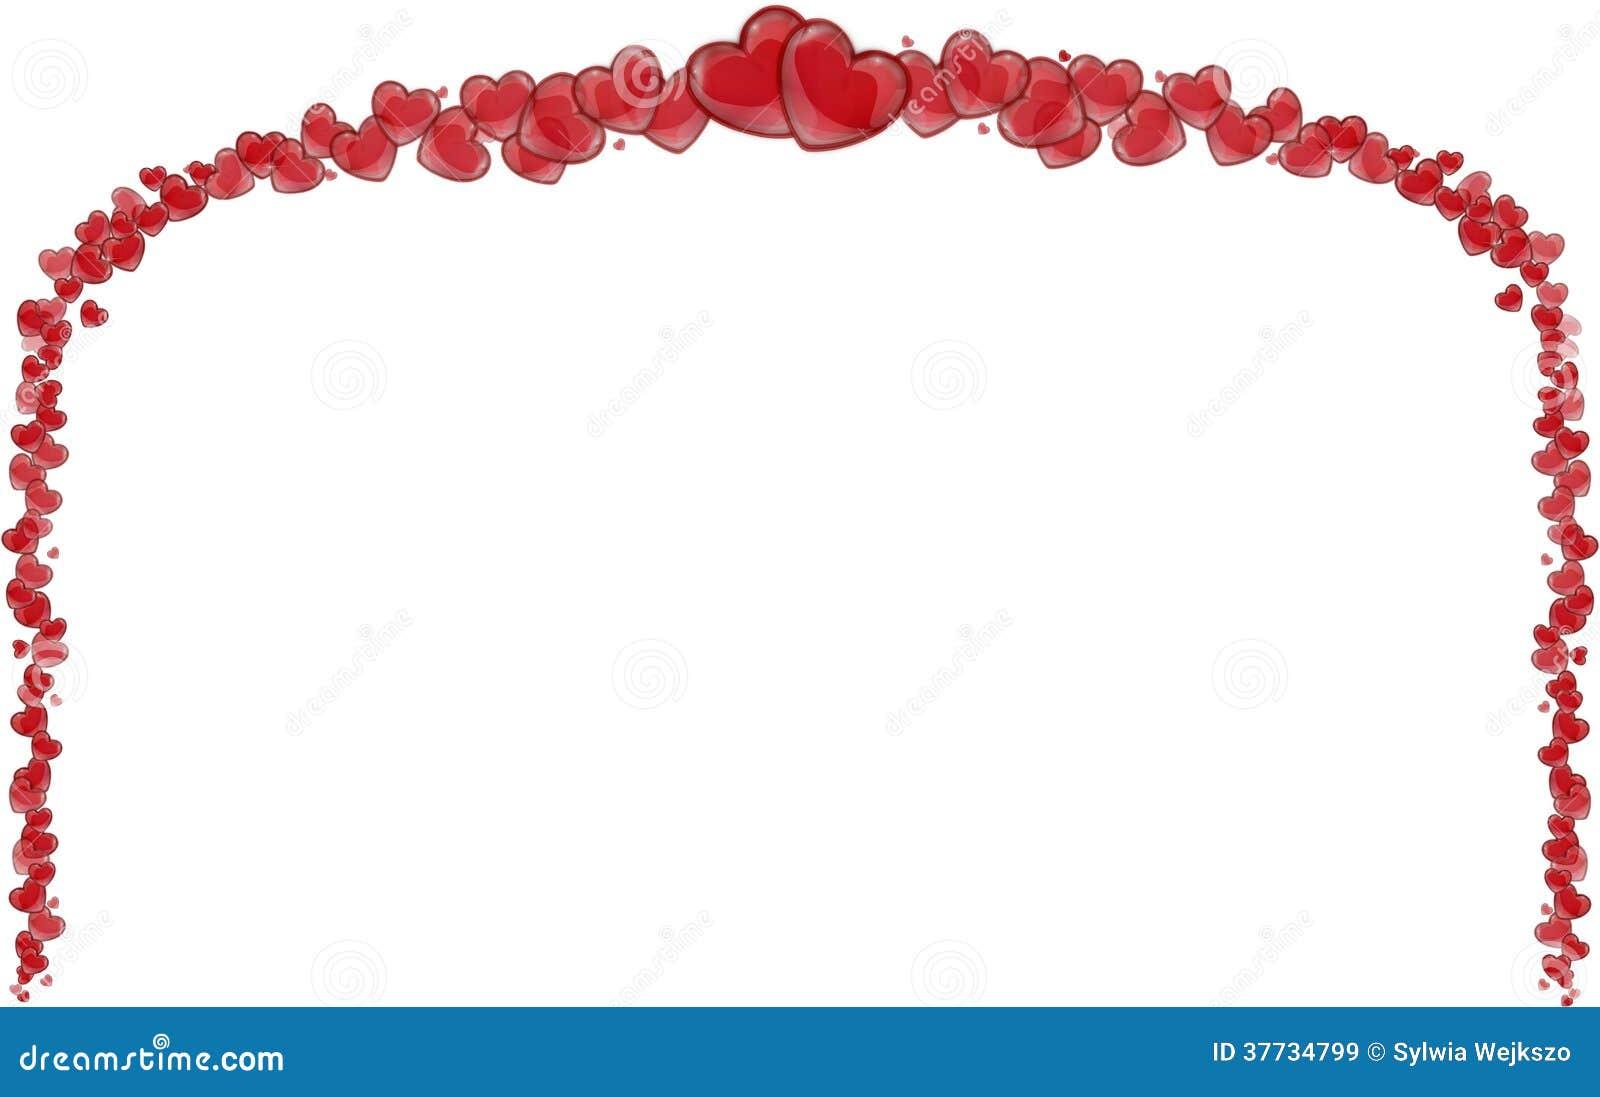 Fondos Para El Dia De La Madre: Capítulo De Corazones Rojos, El Fondo De La Madre Con Los